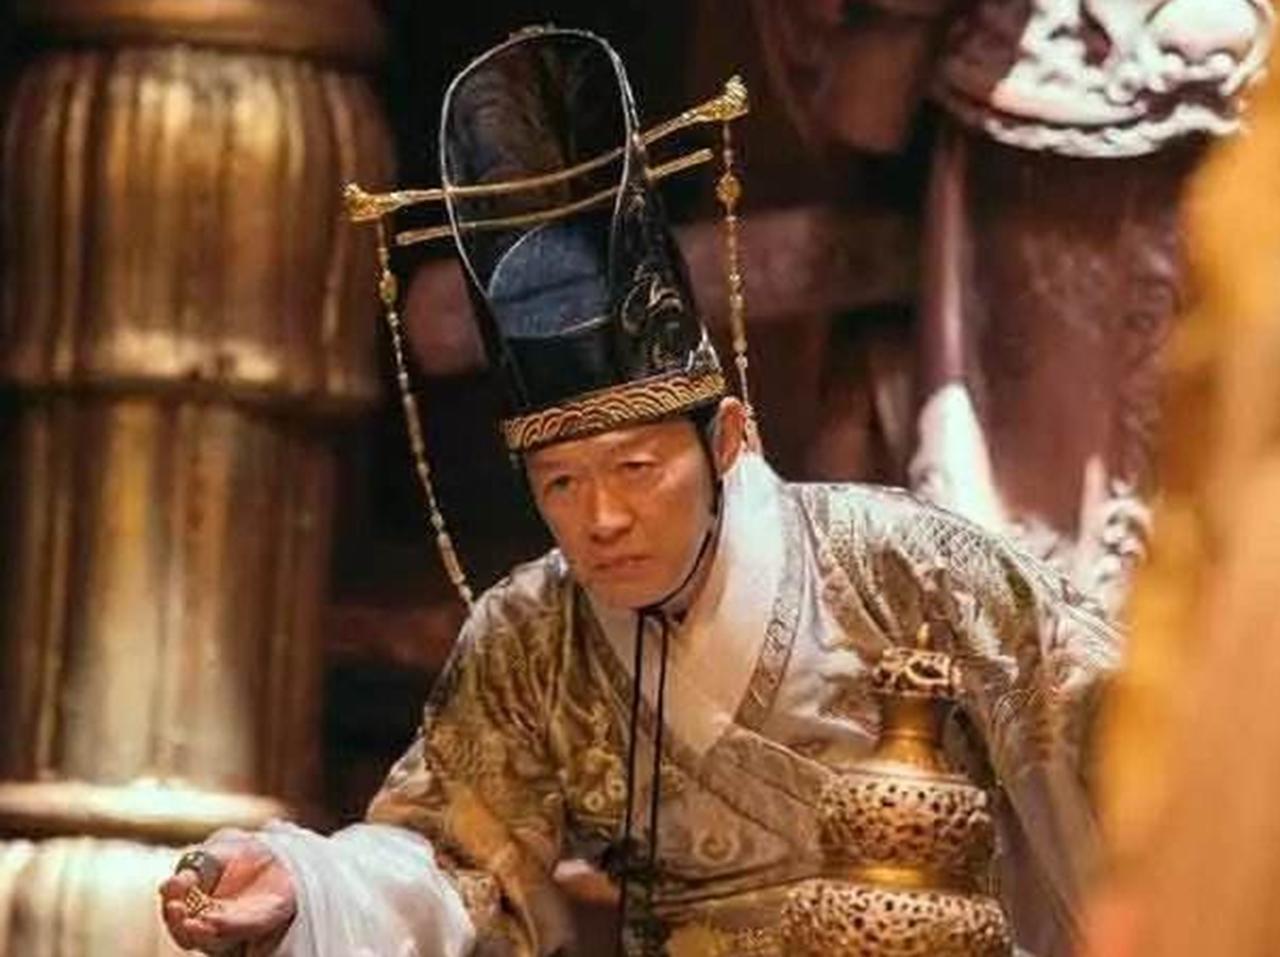 魏忠贤权倾朝野,为何被刚上任的崇祯灭了?还毫无返还之力?